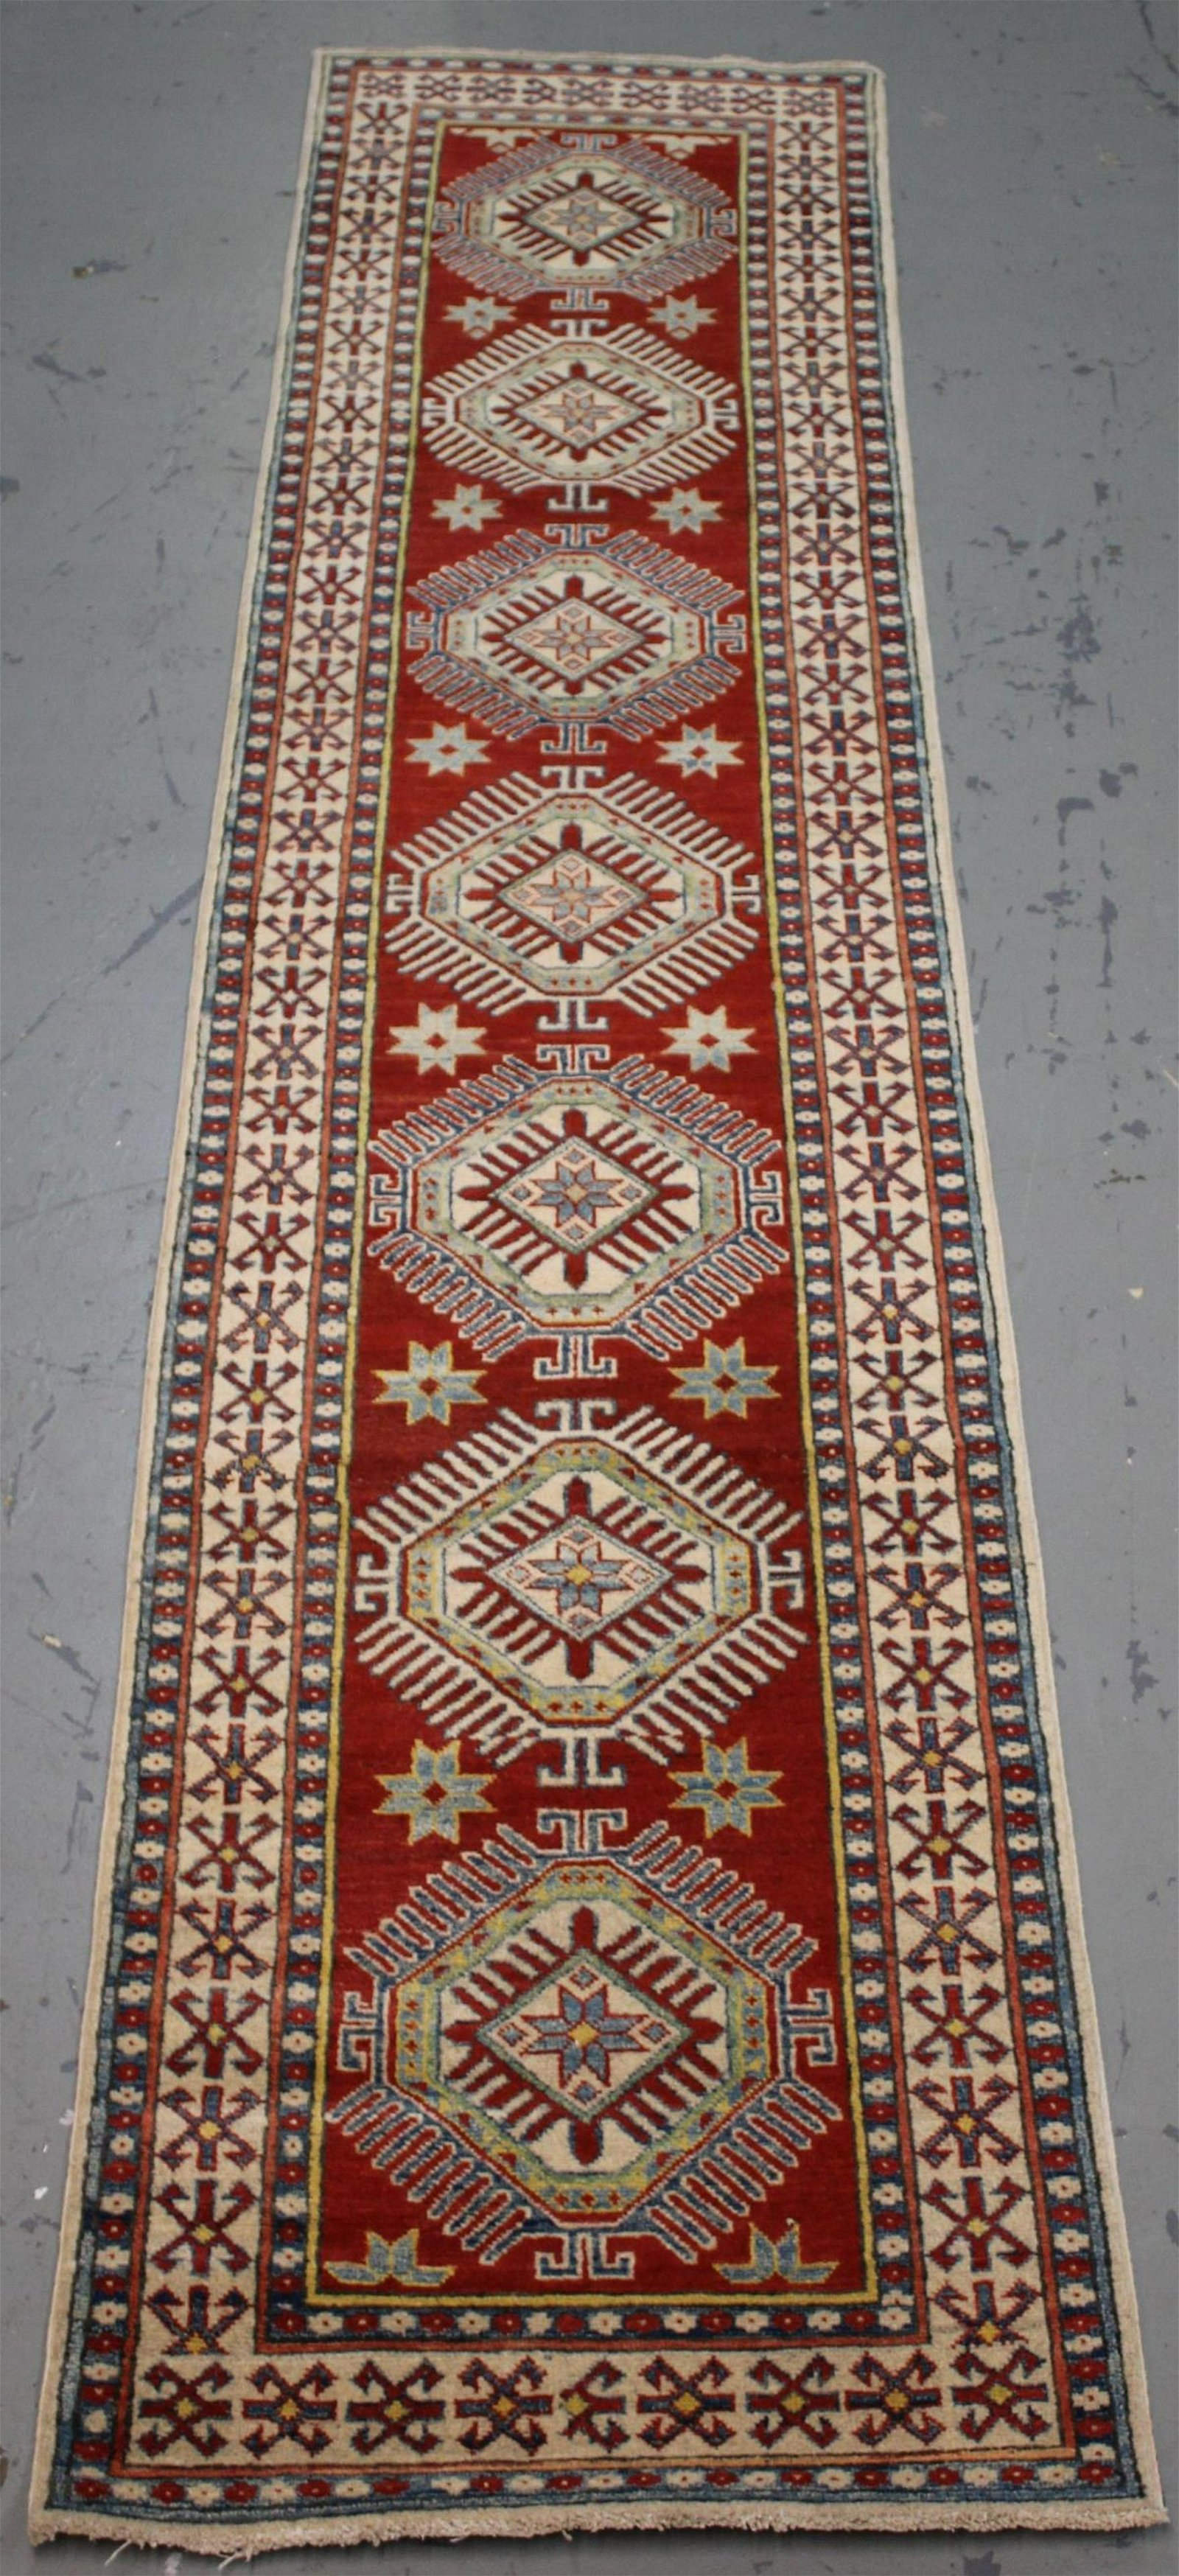 Handmade Pakistani Kazak Design Runner 2.7x12.5